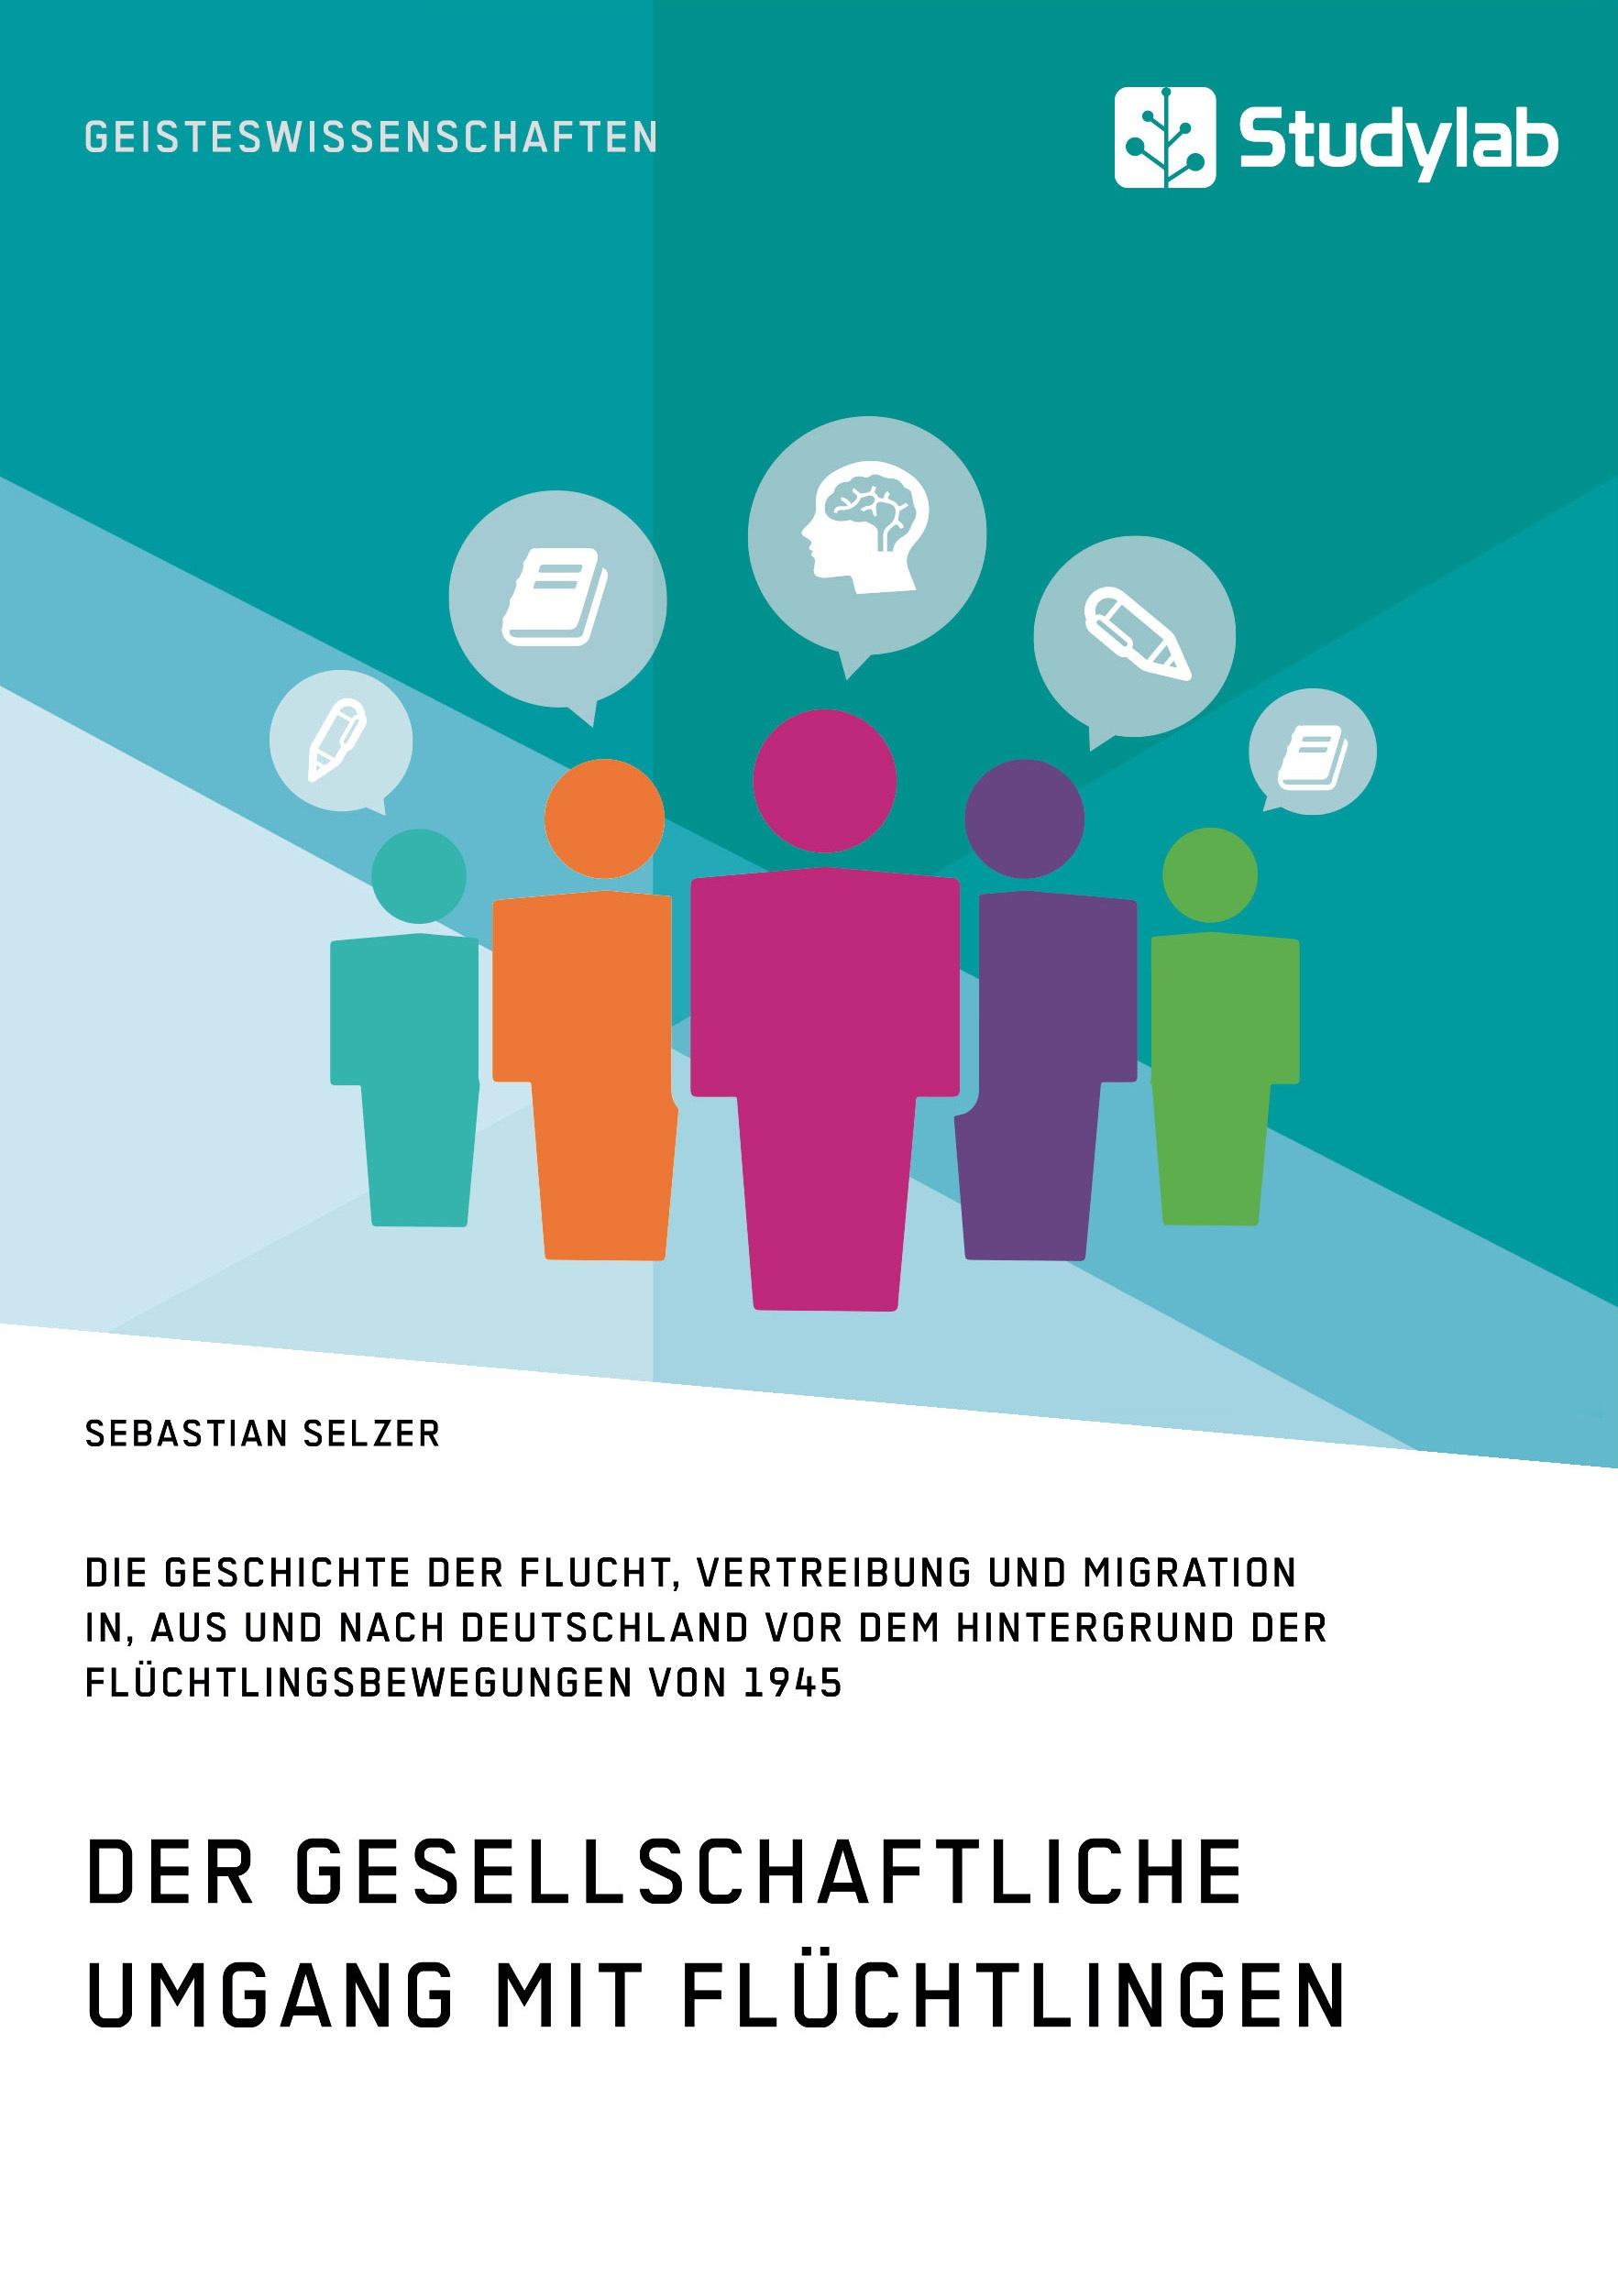 Titel: Gesellschaftlicher Umgang mit Flüchtlingen vor dem Hintergrund der Flüchtlingsbewegungen von 1945